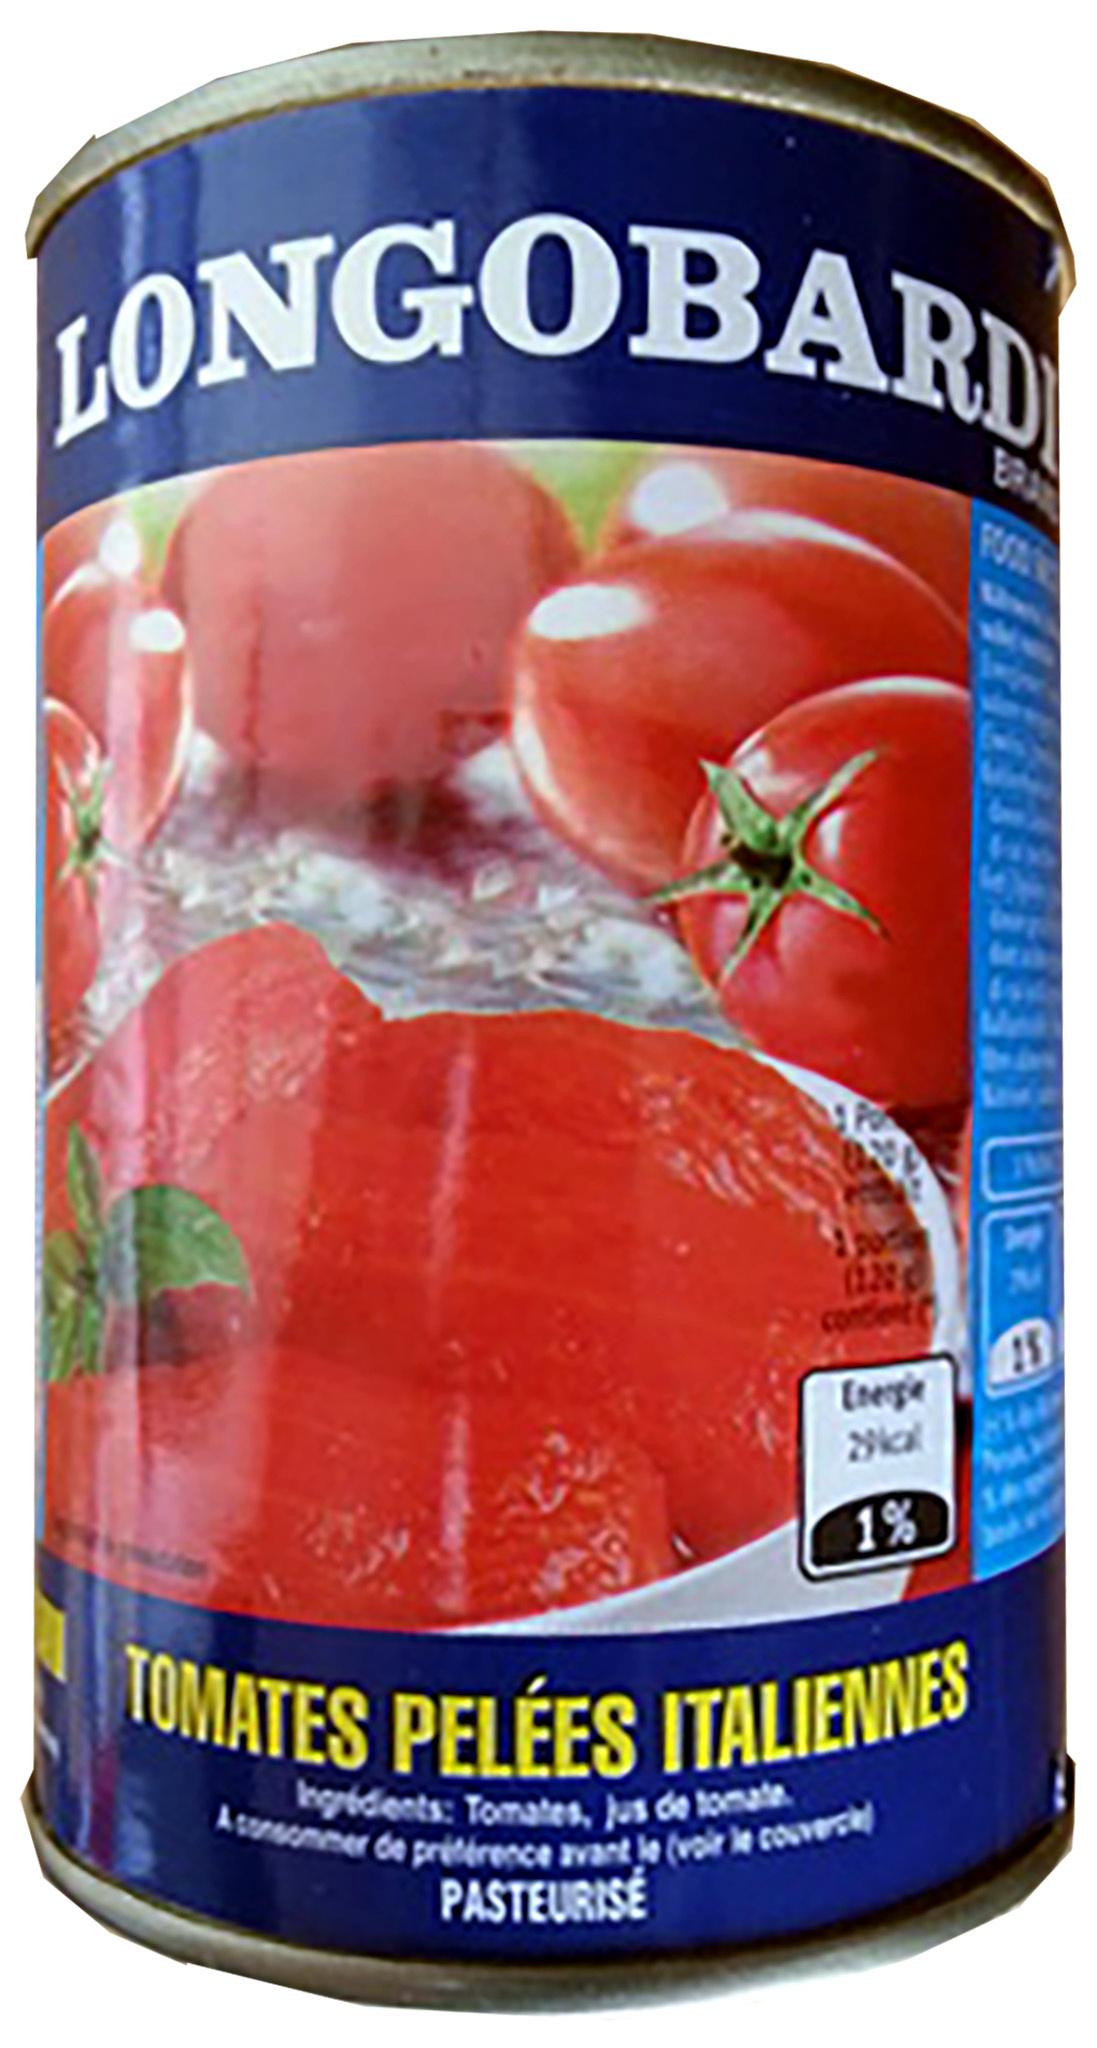 Tomates pelées italiennes - Produkt - fr